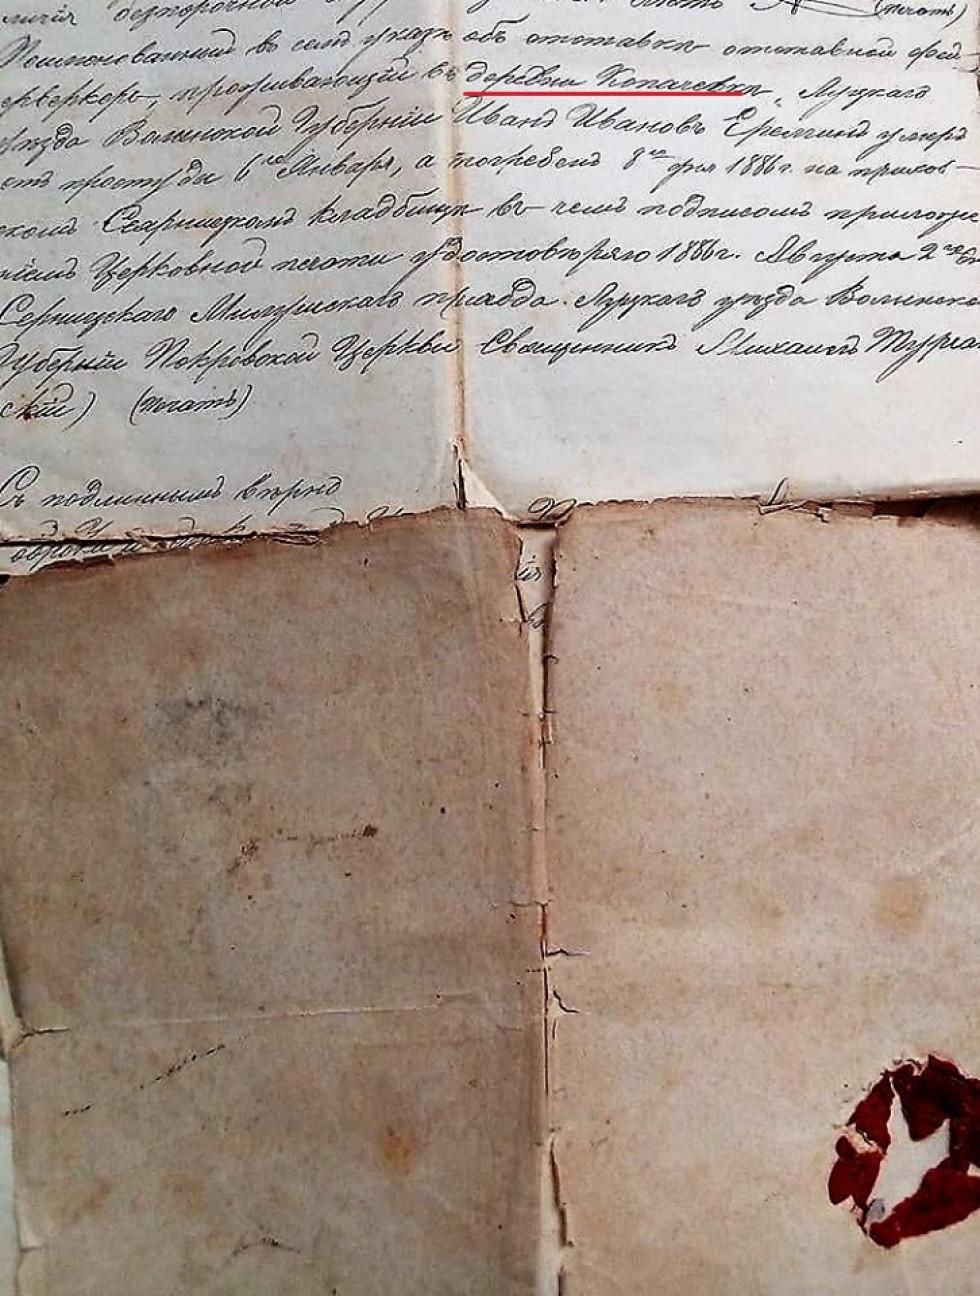 Витяг з паспорту феєрверкера Єрьоміна Івана Івановича про його проживання в Копачівці.